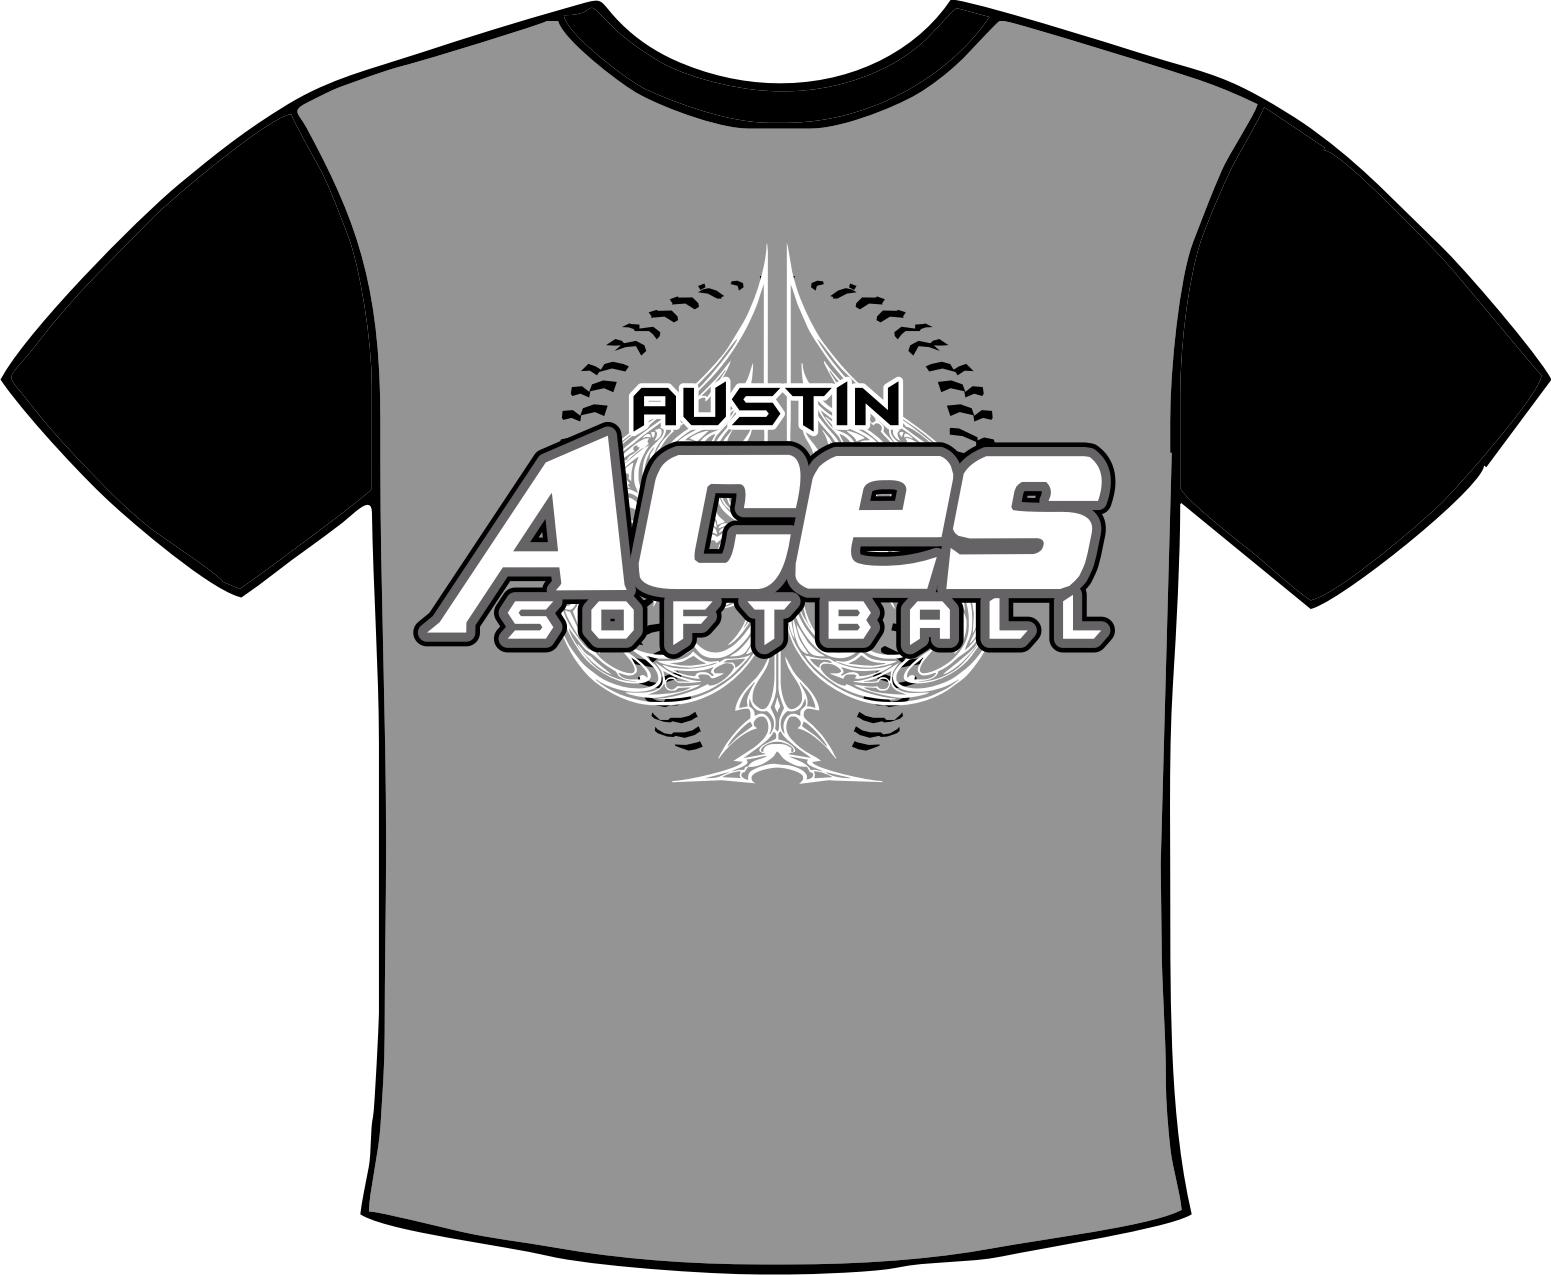 design a softball jersey - Softball Jersey Design Ideas